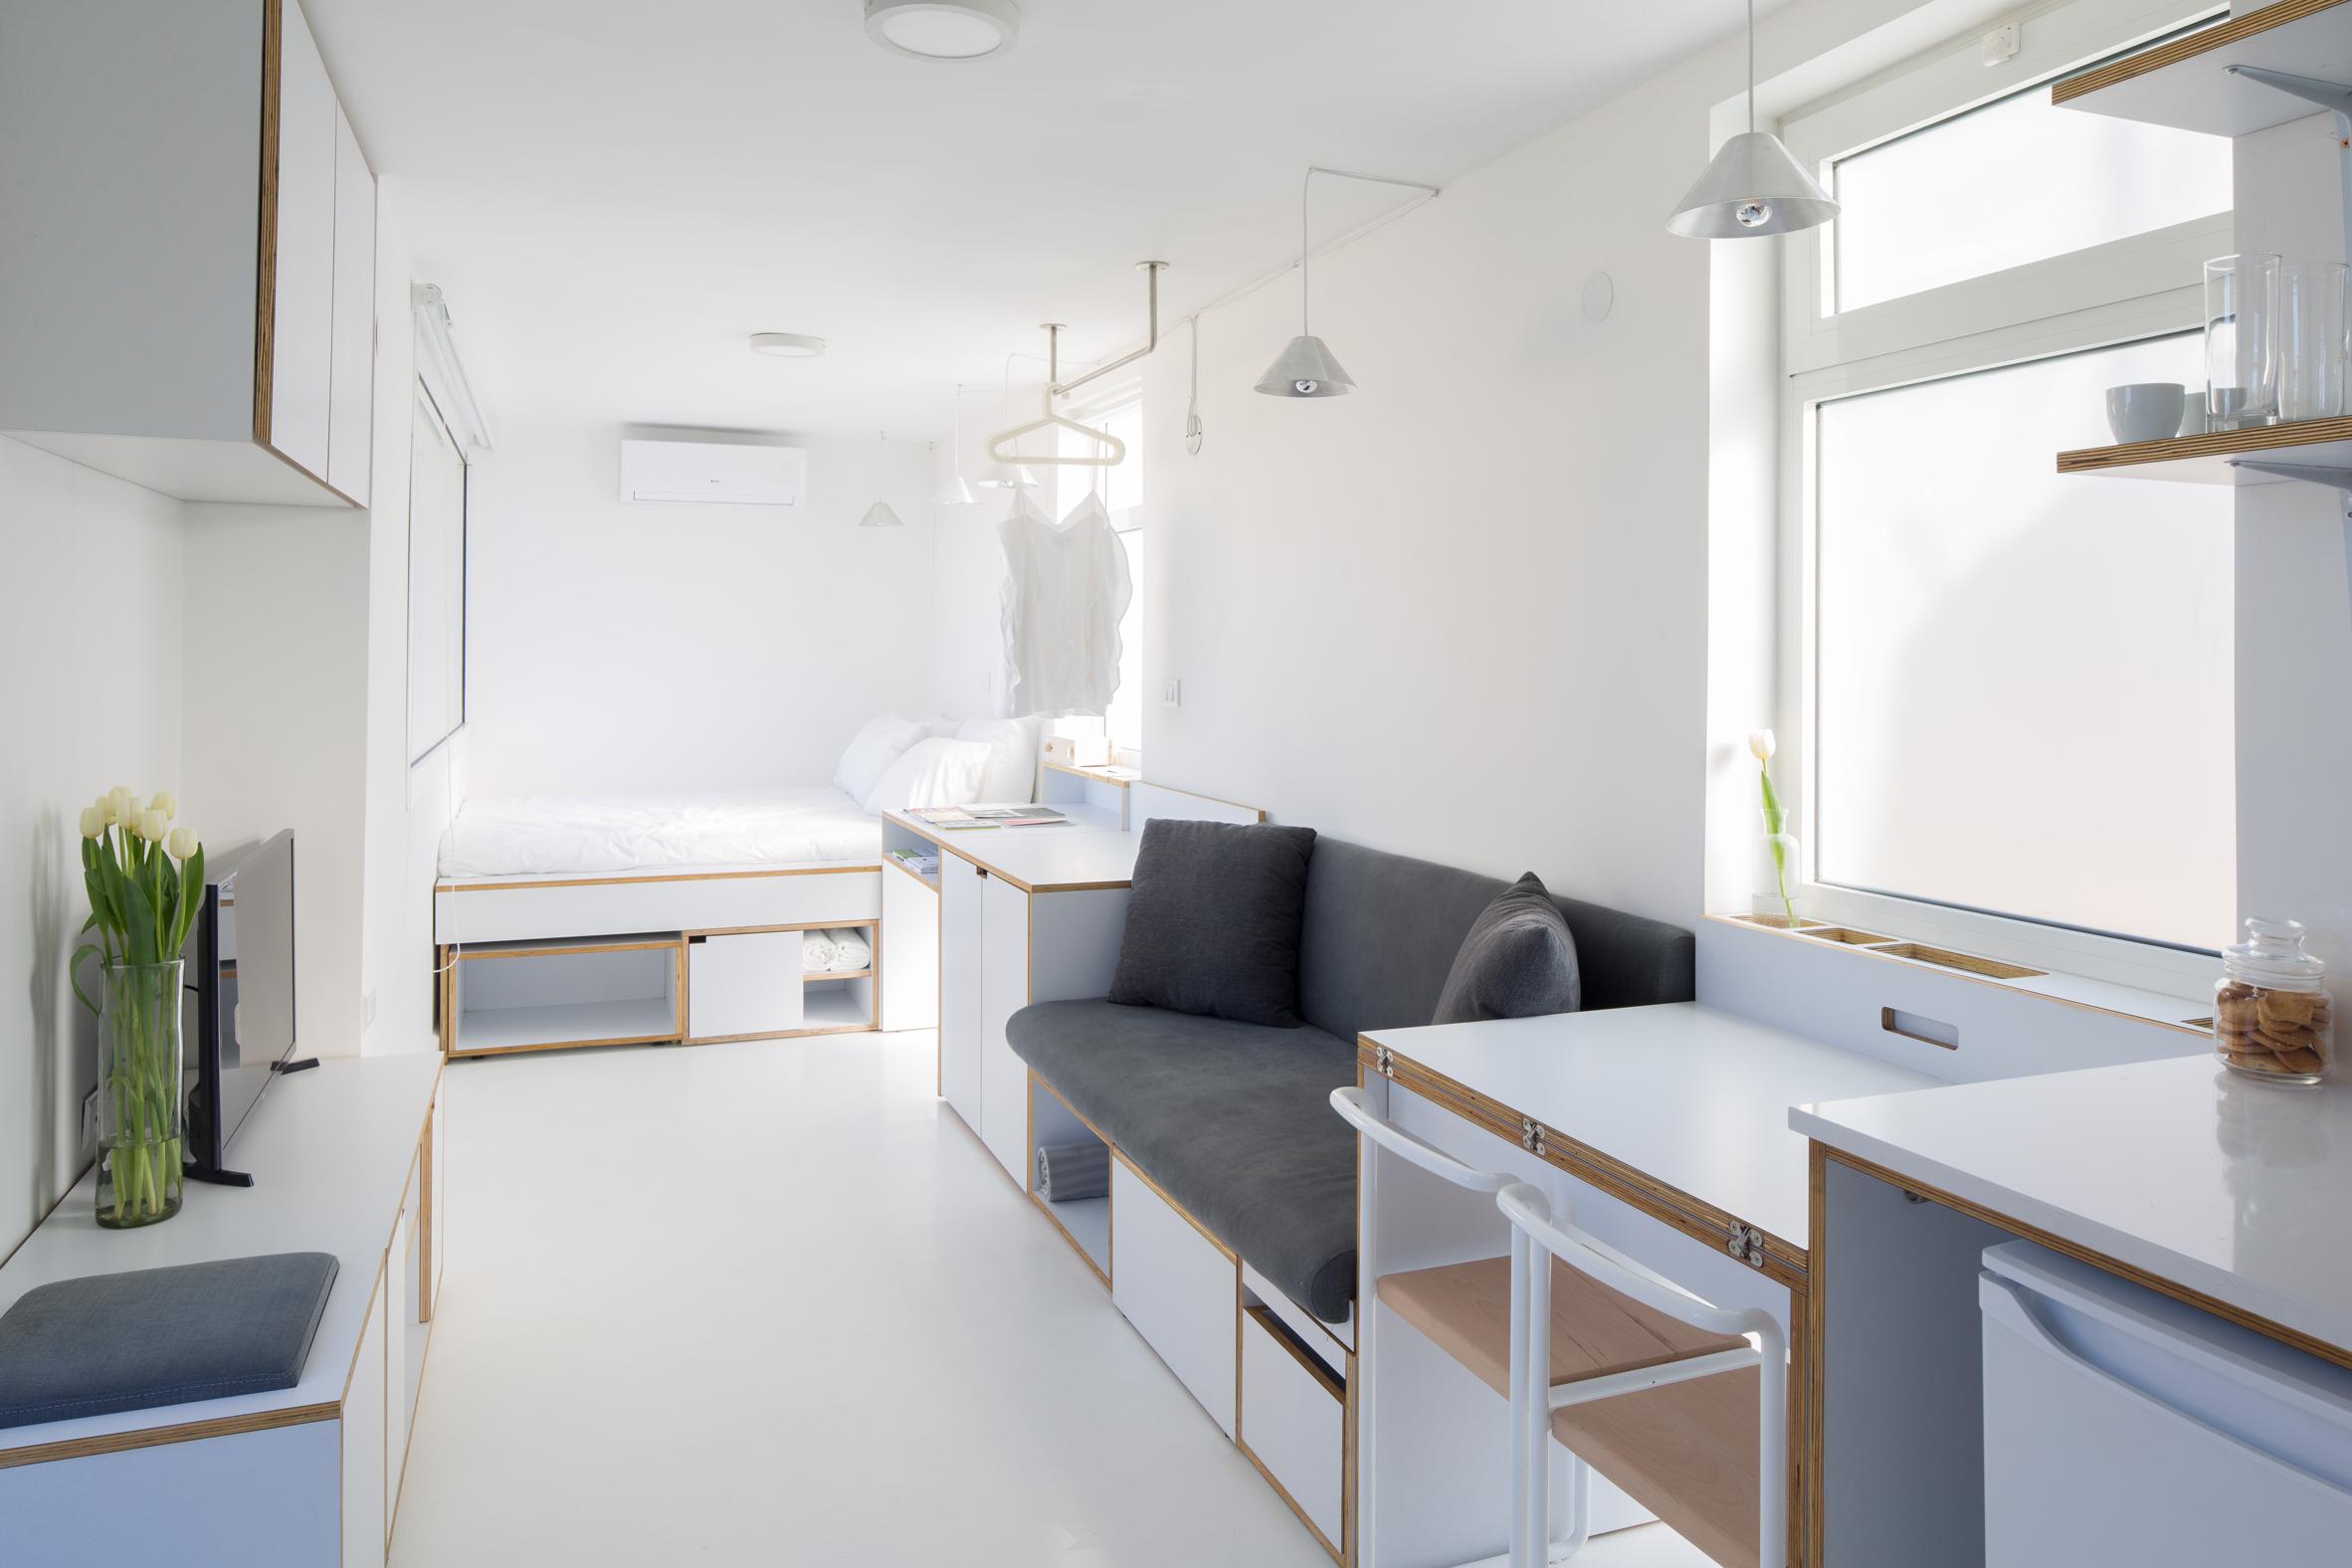 Thiết kế nội thất nhà chung cư 30m2 2